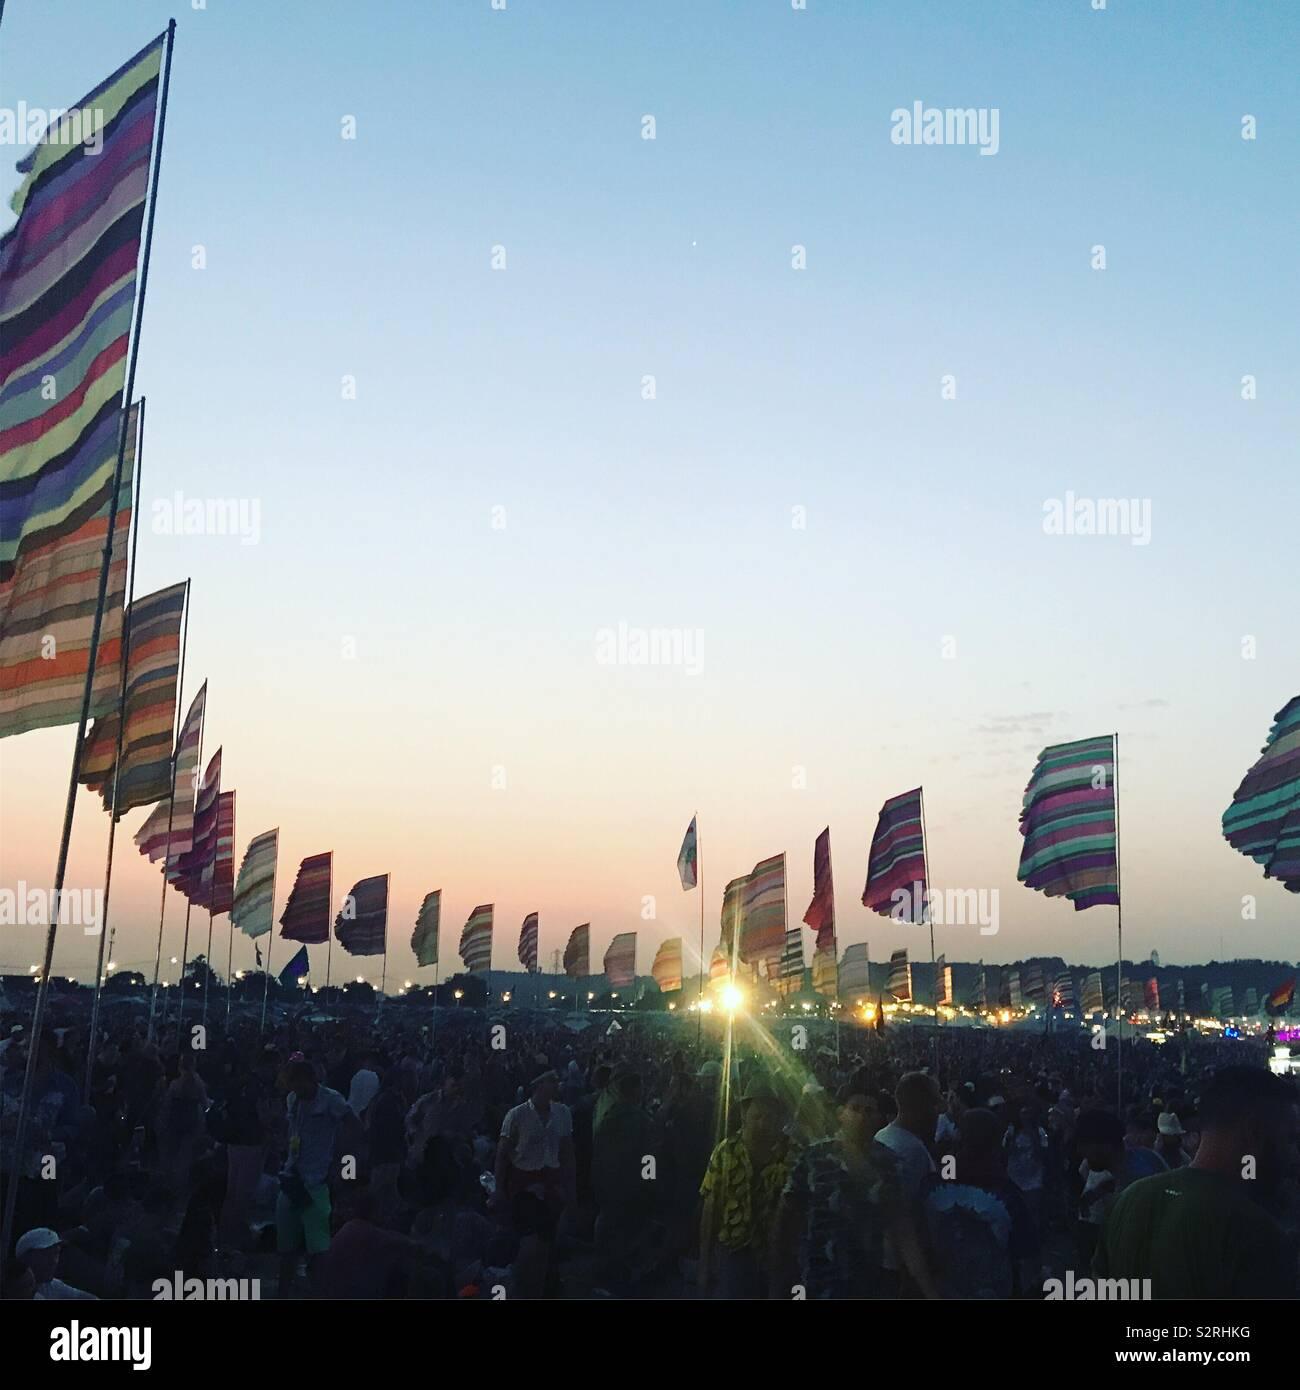 Sonnenuntergang auf der anderen Bühne, Glastonbury Festival 2019 Stockfoto